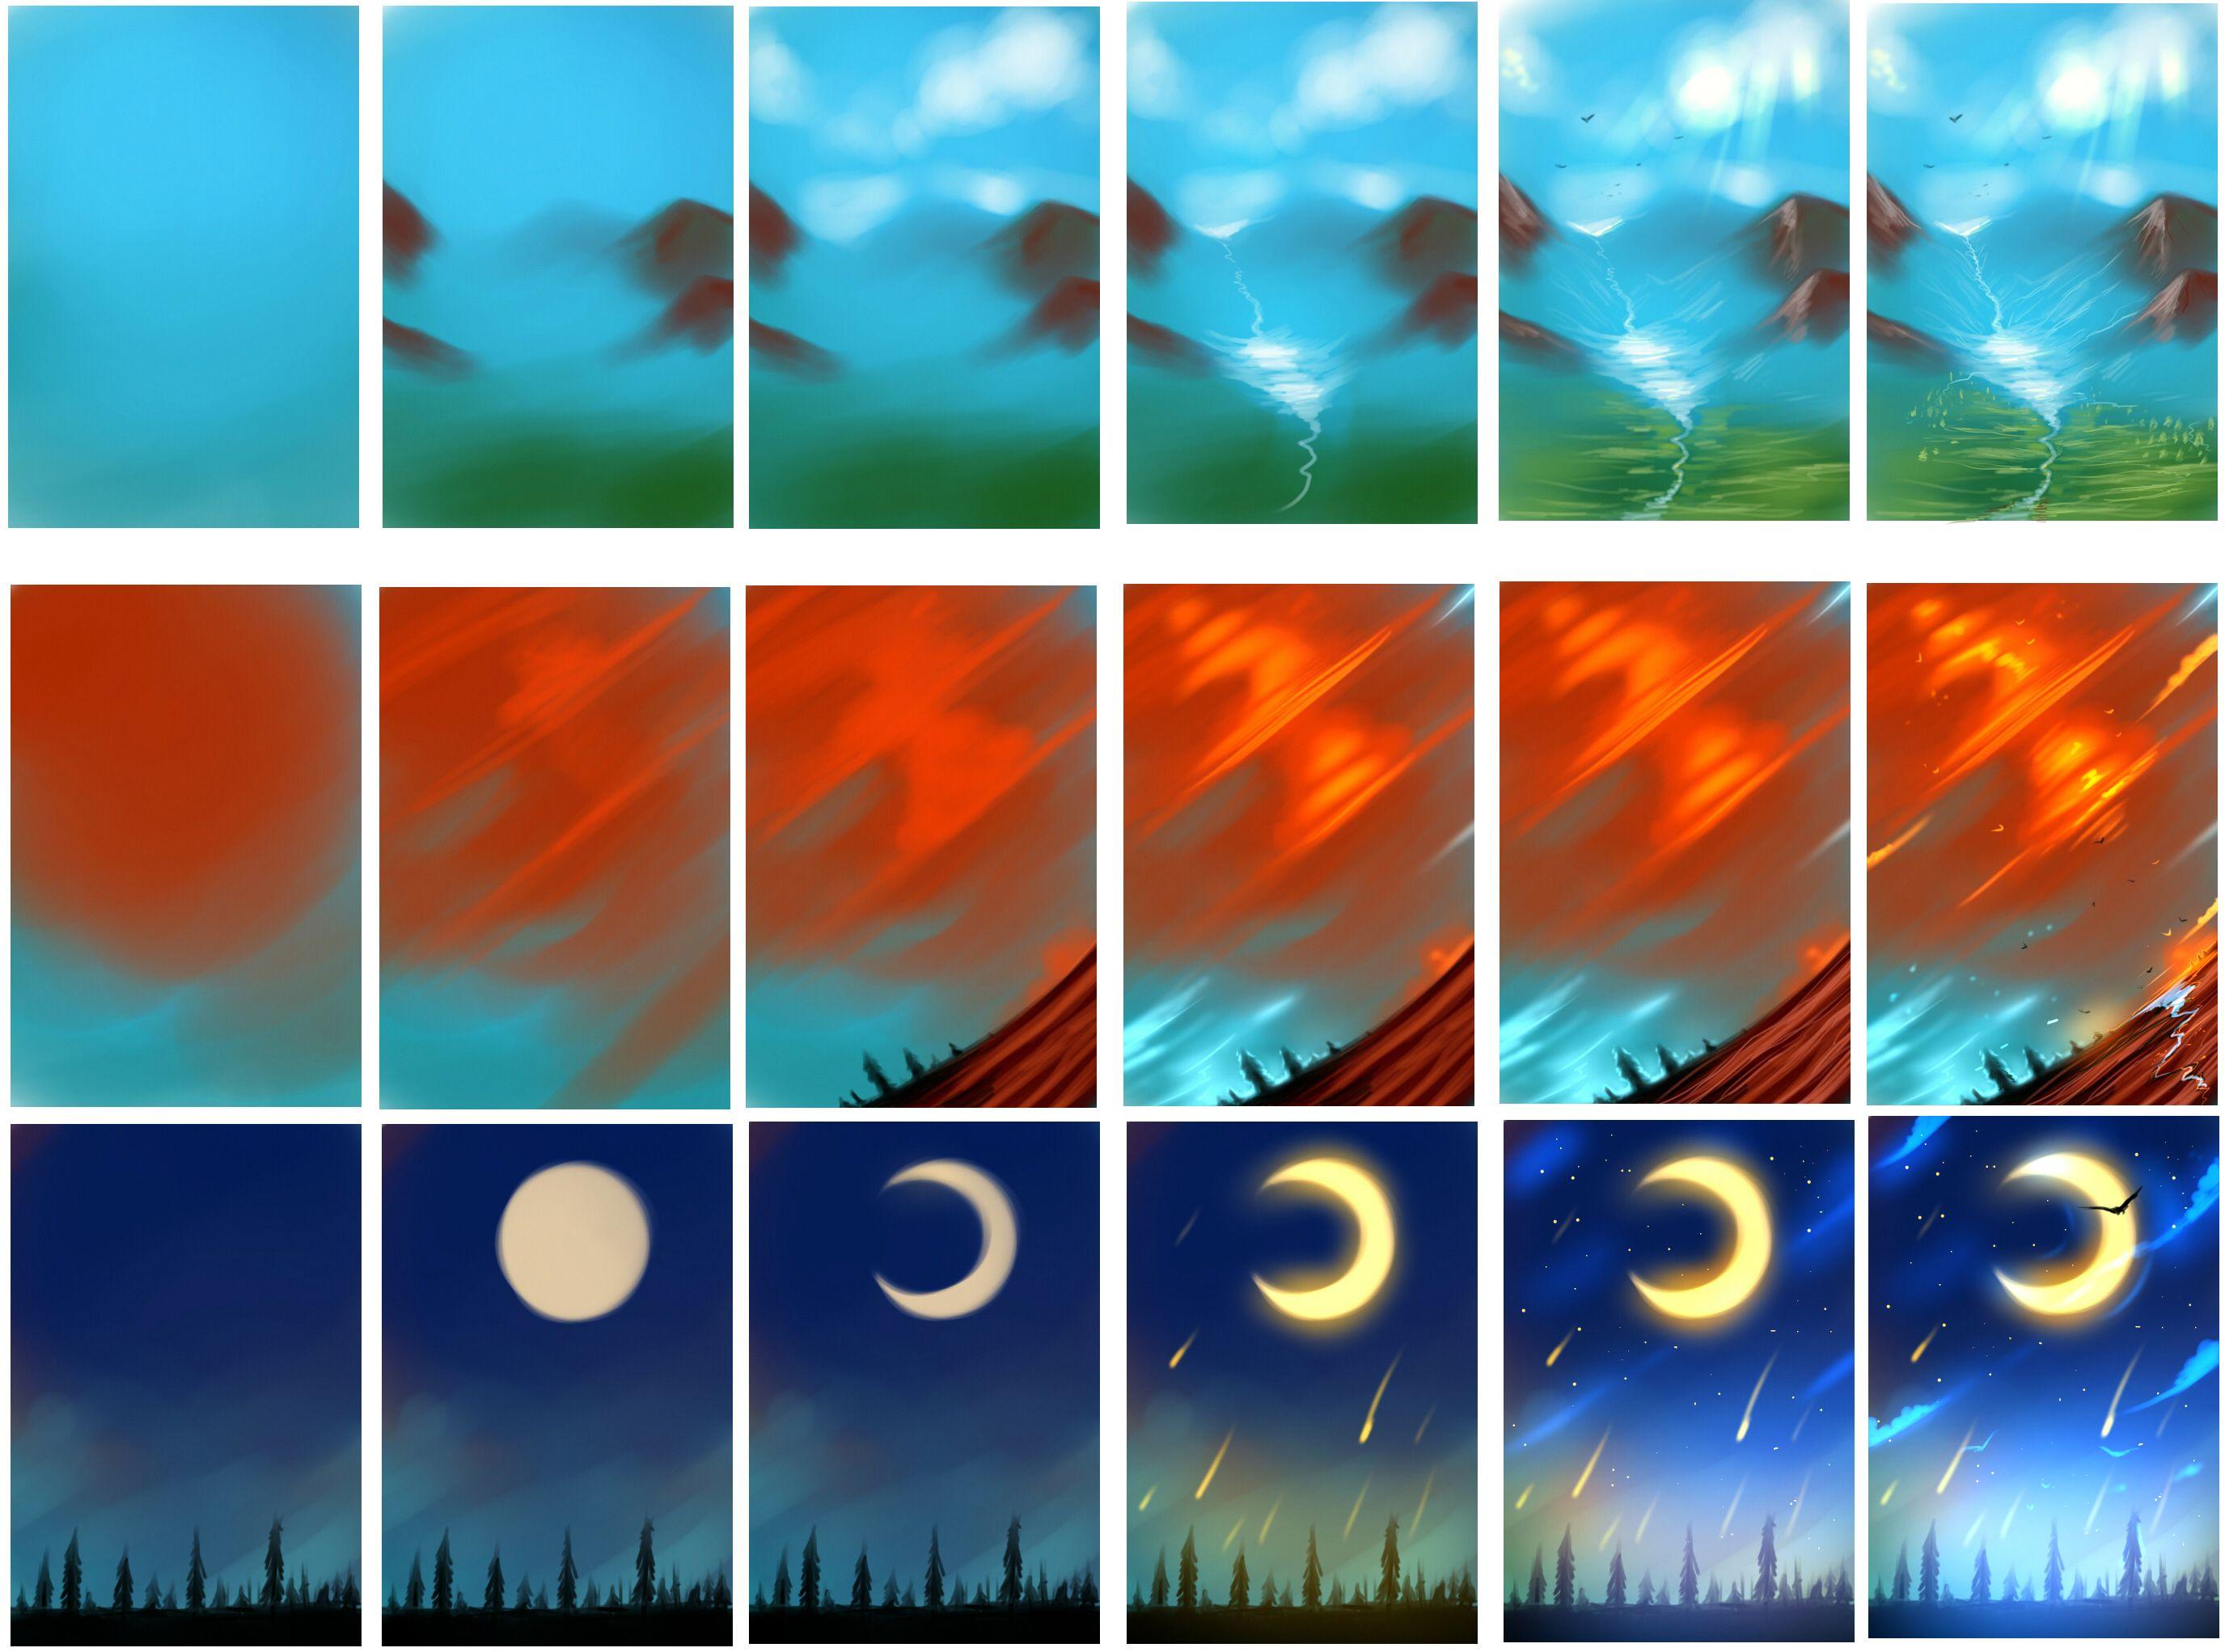 Easy Landescapes Tutorial Digital Art Tutorial Digital Painting Tutorials Cloud Tutorial